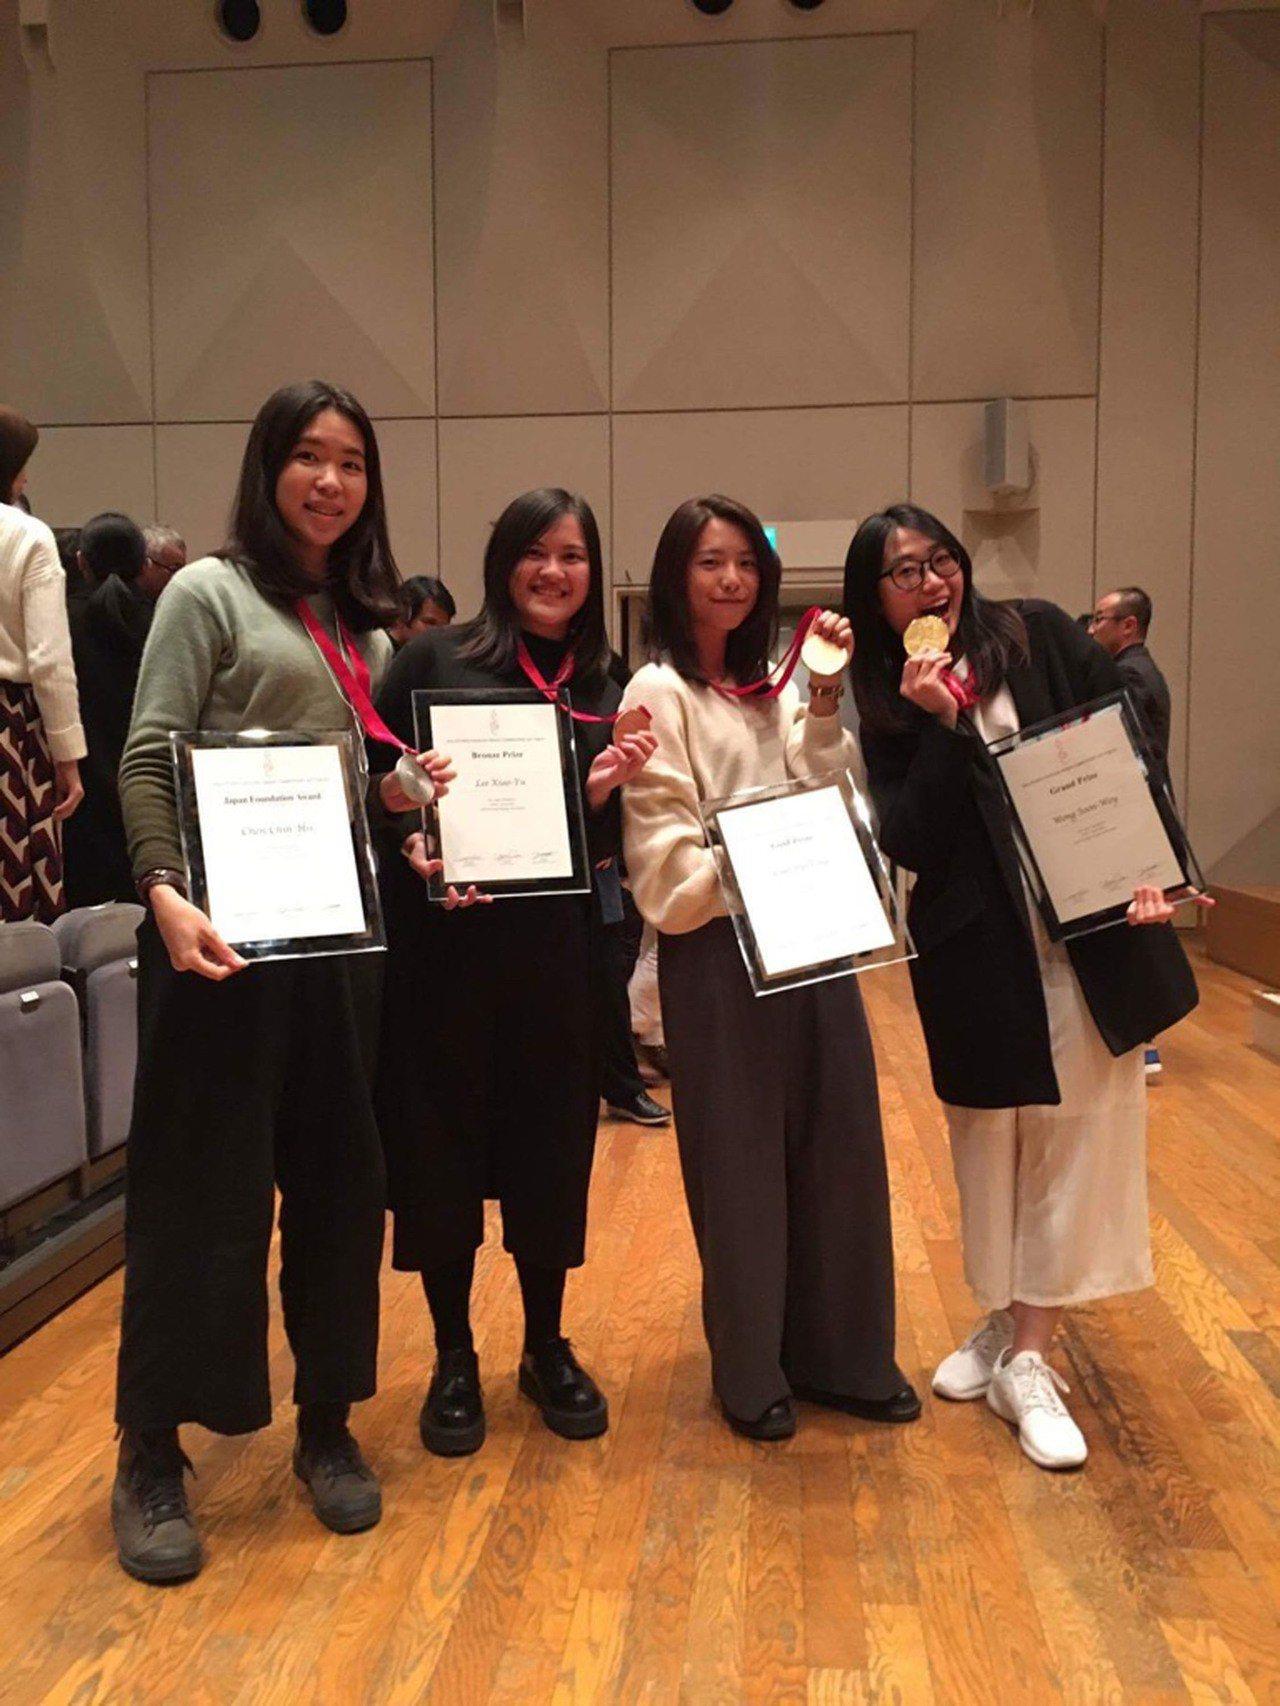 國立台灣藝術大學的學生黃心薇(右)等人的作品「融石」,3日在亞洲學生包裝設計競賽...